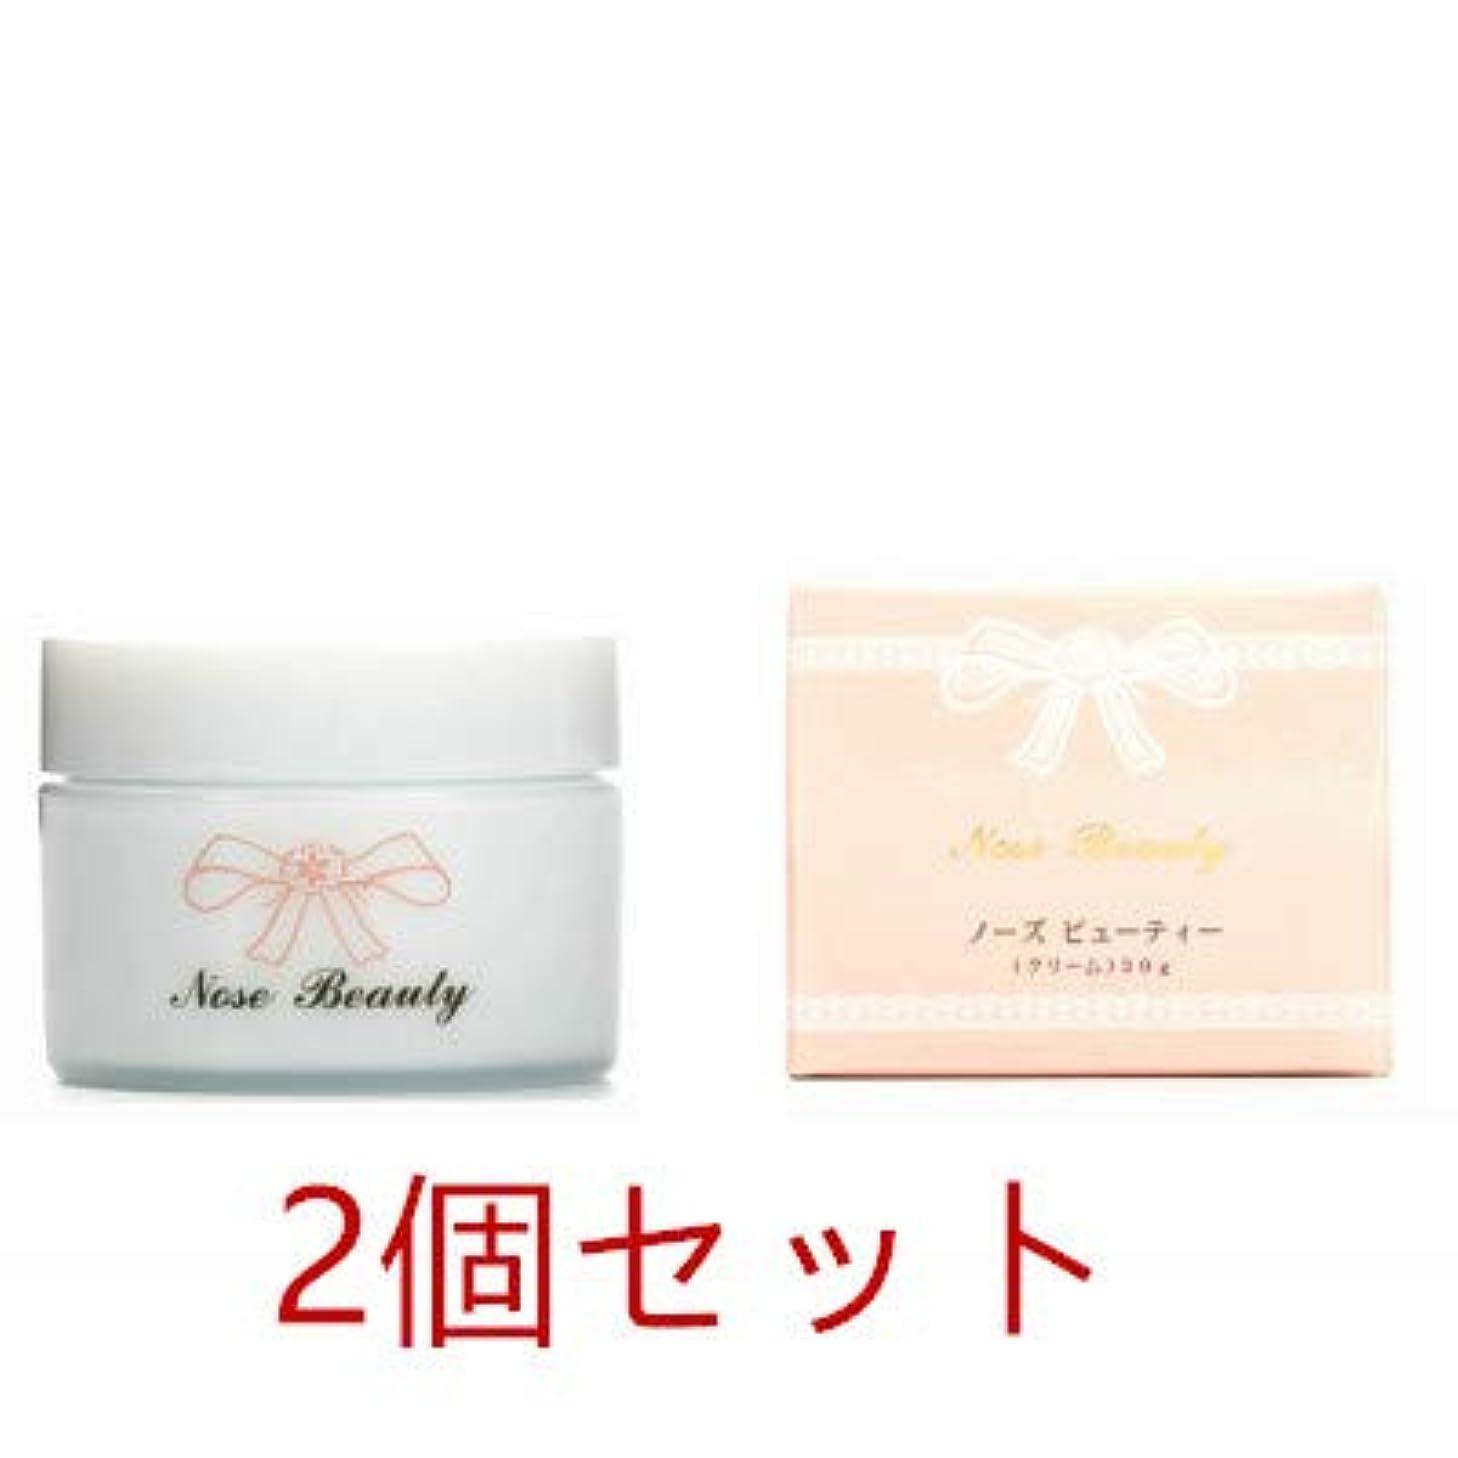 ふつうアラブサラボ輸血ノーズ ビューティー Nose Beauty30g2個セット